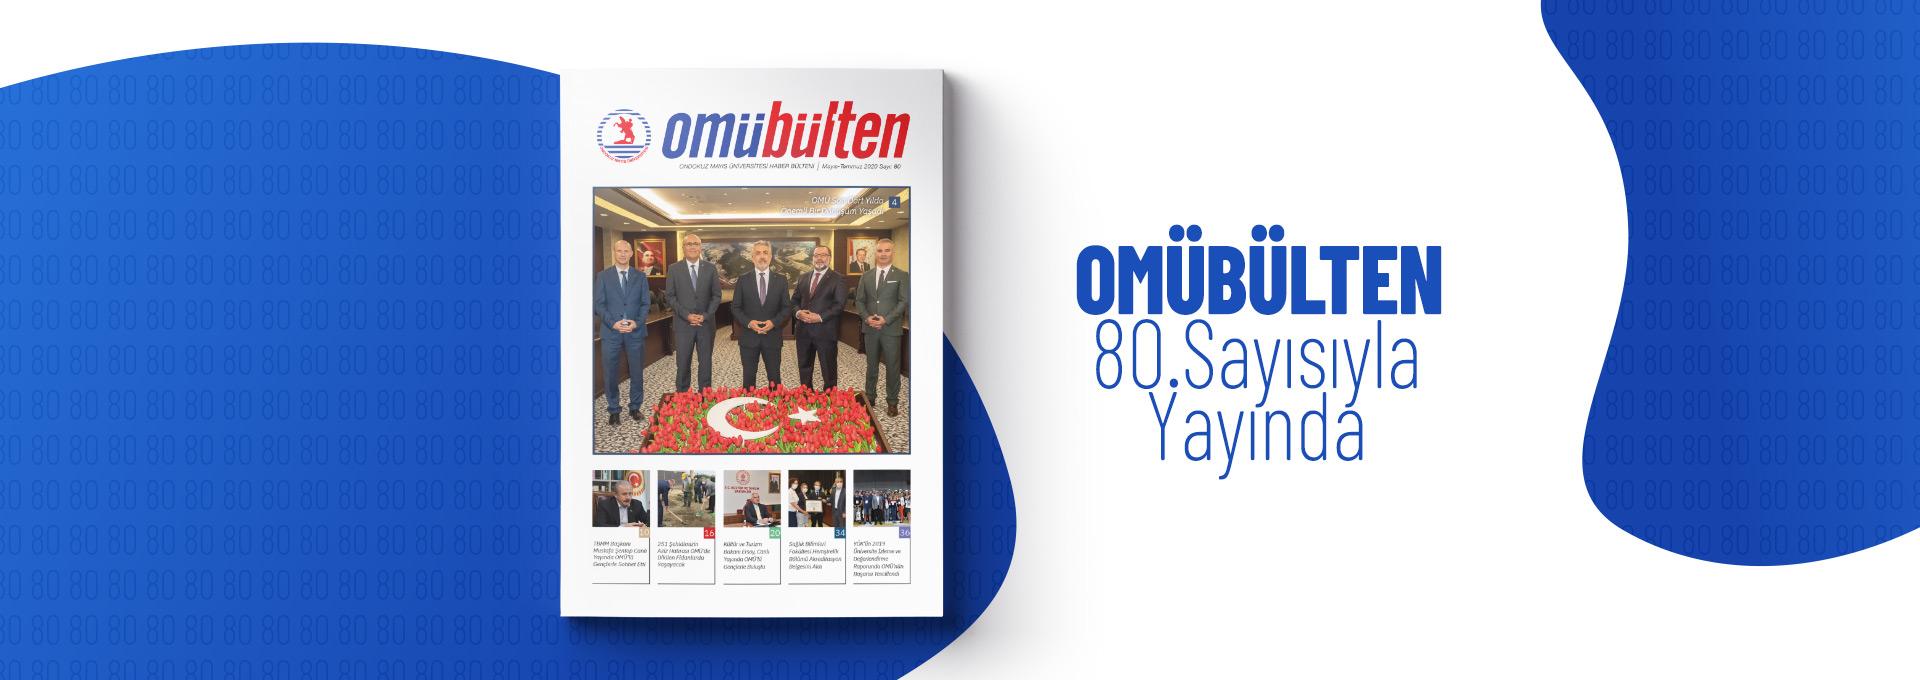 OMÜ Bülten Dergisinin 80. Sayısı Yayında